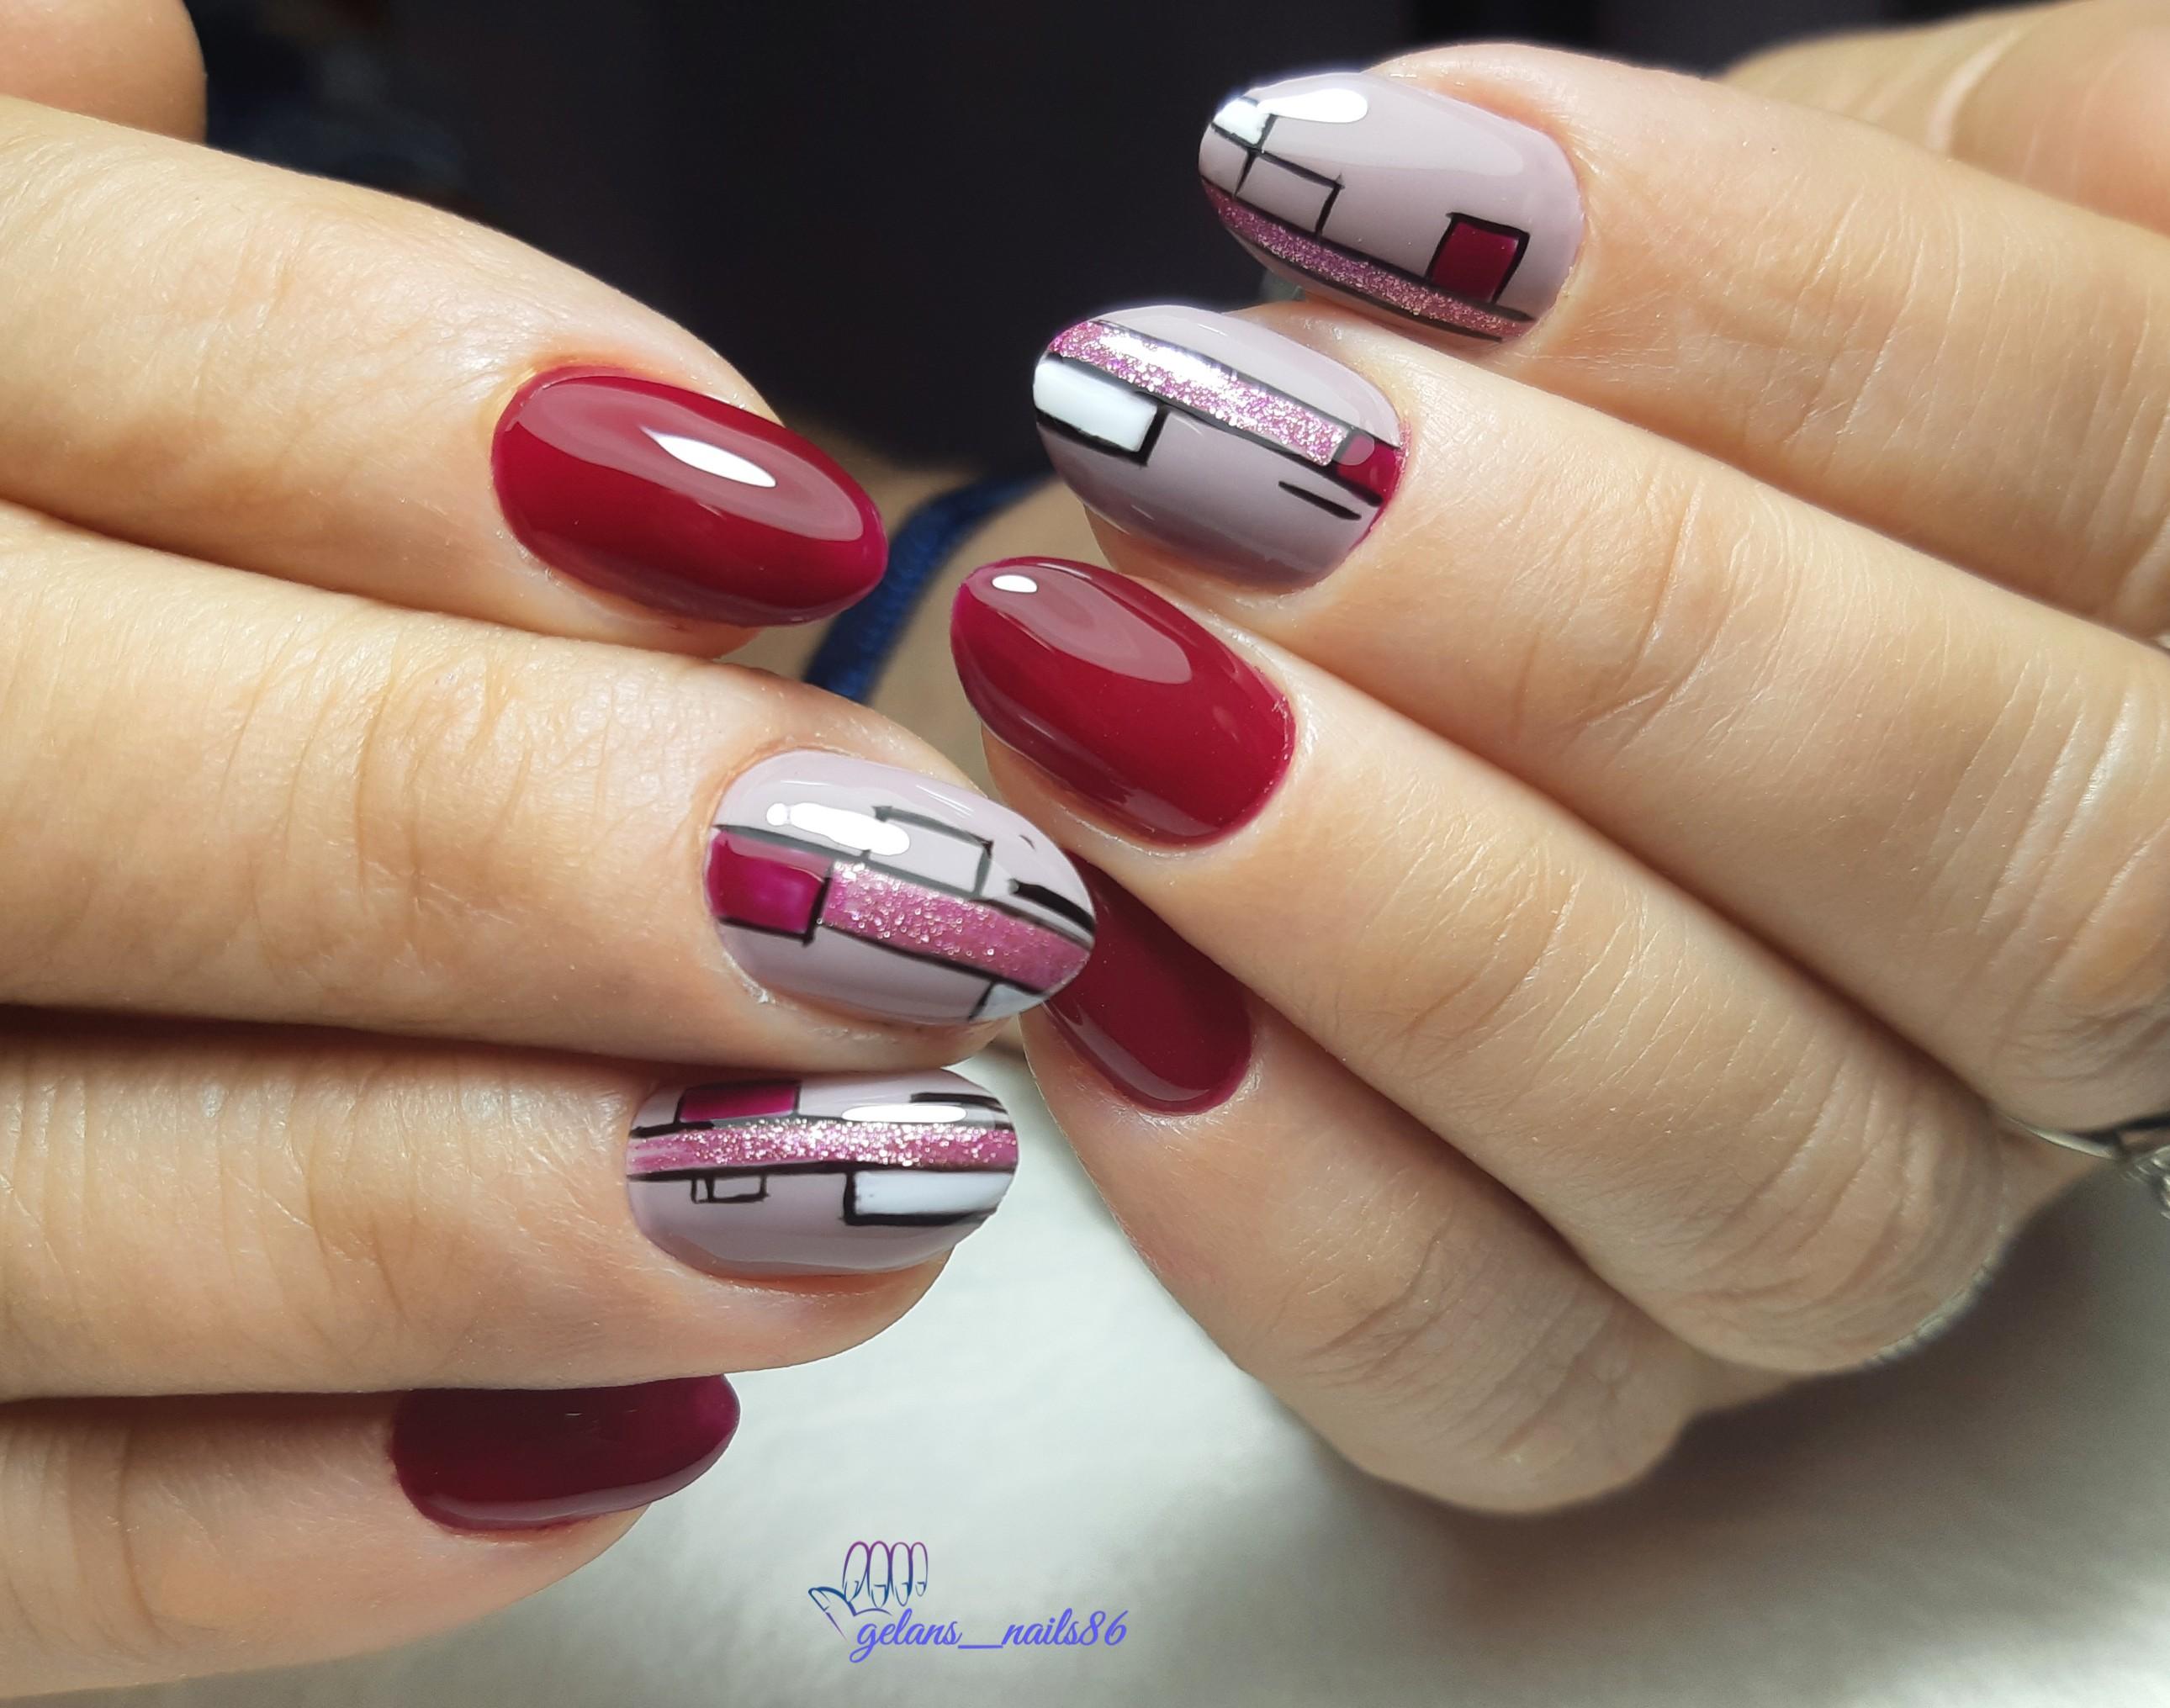 Маникюр в бордовом цвете с контрастным геометрическим дизайном и розовыми блёстками.